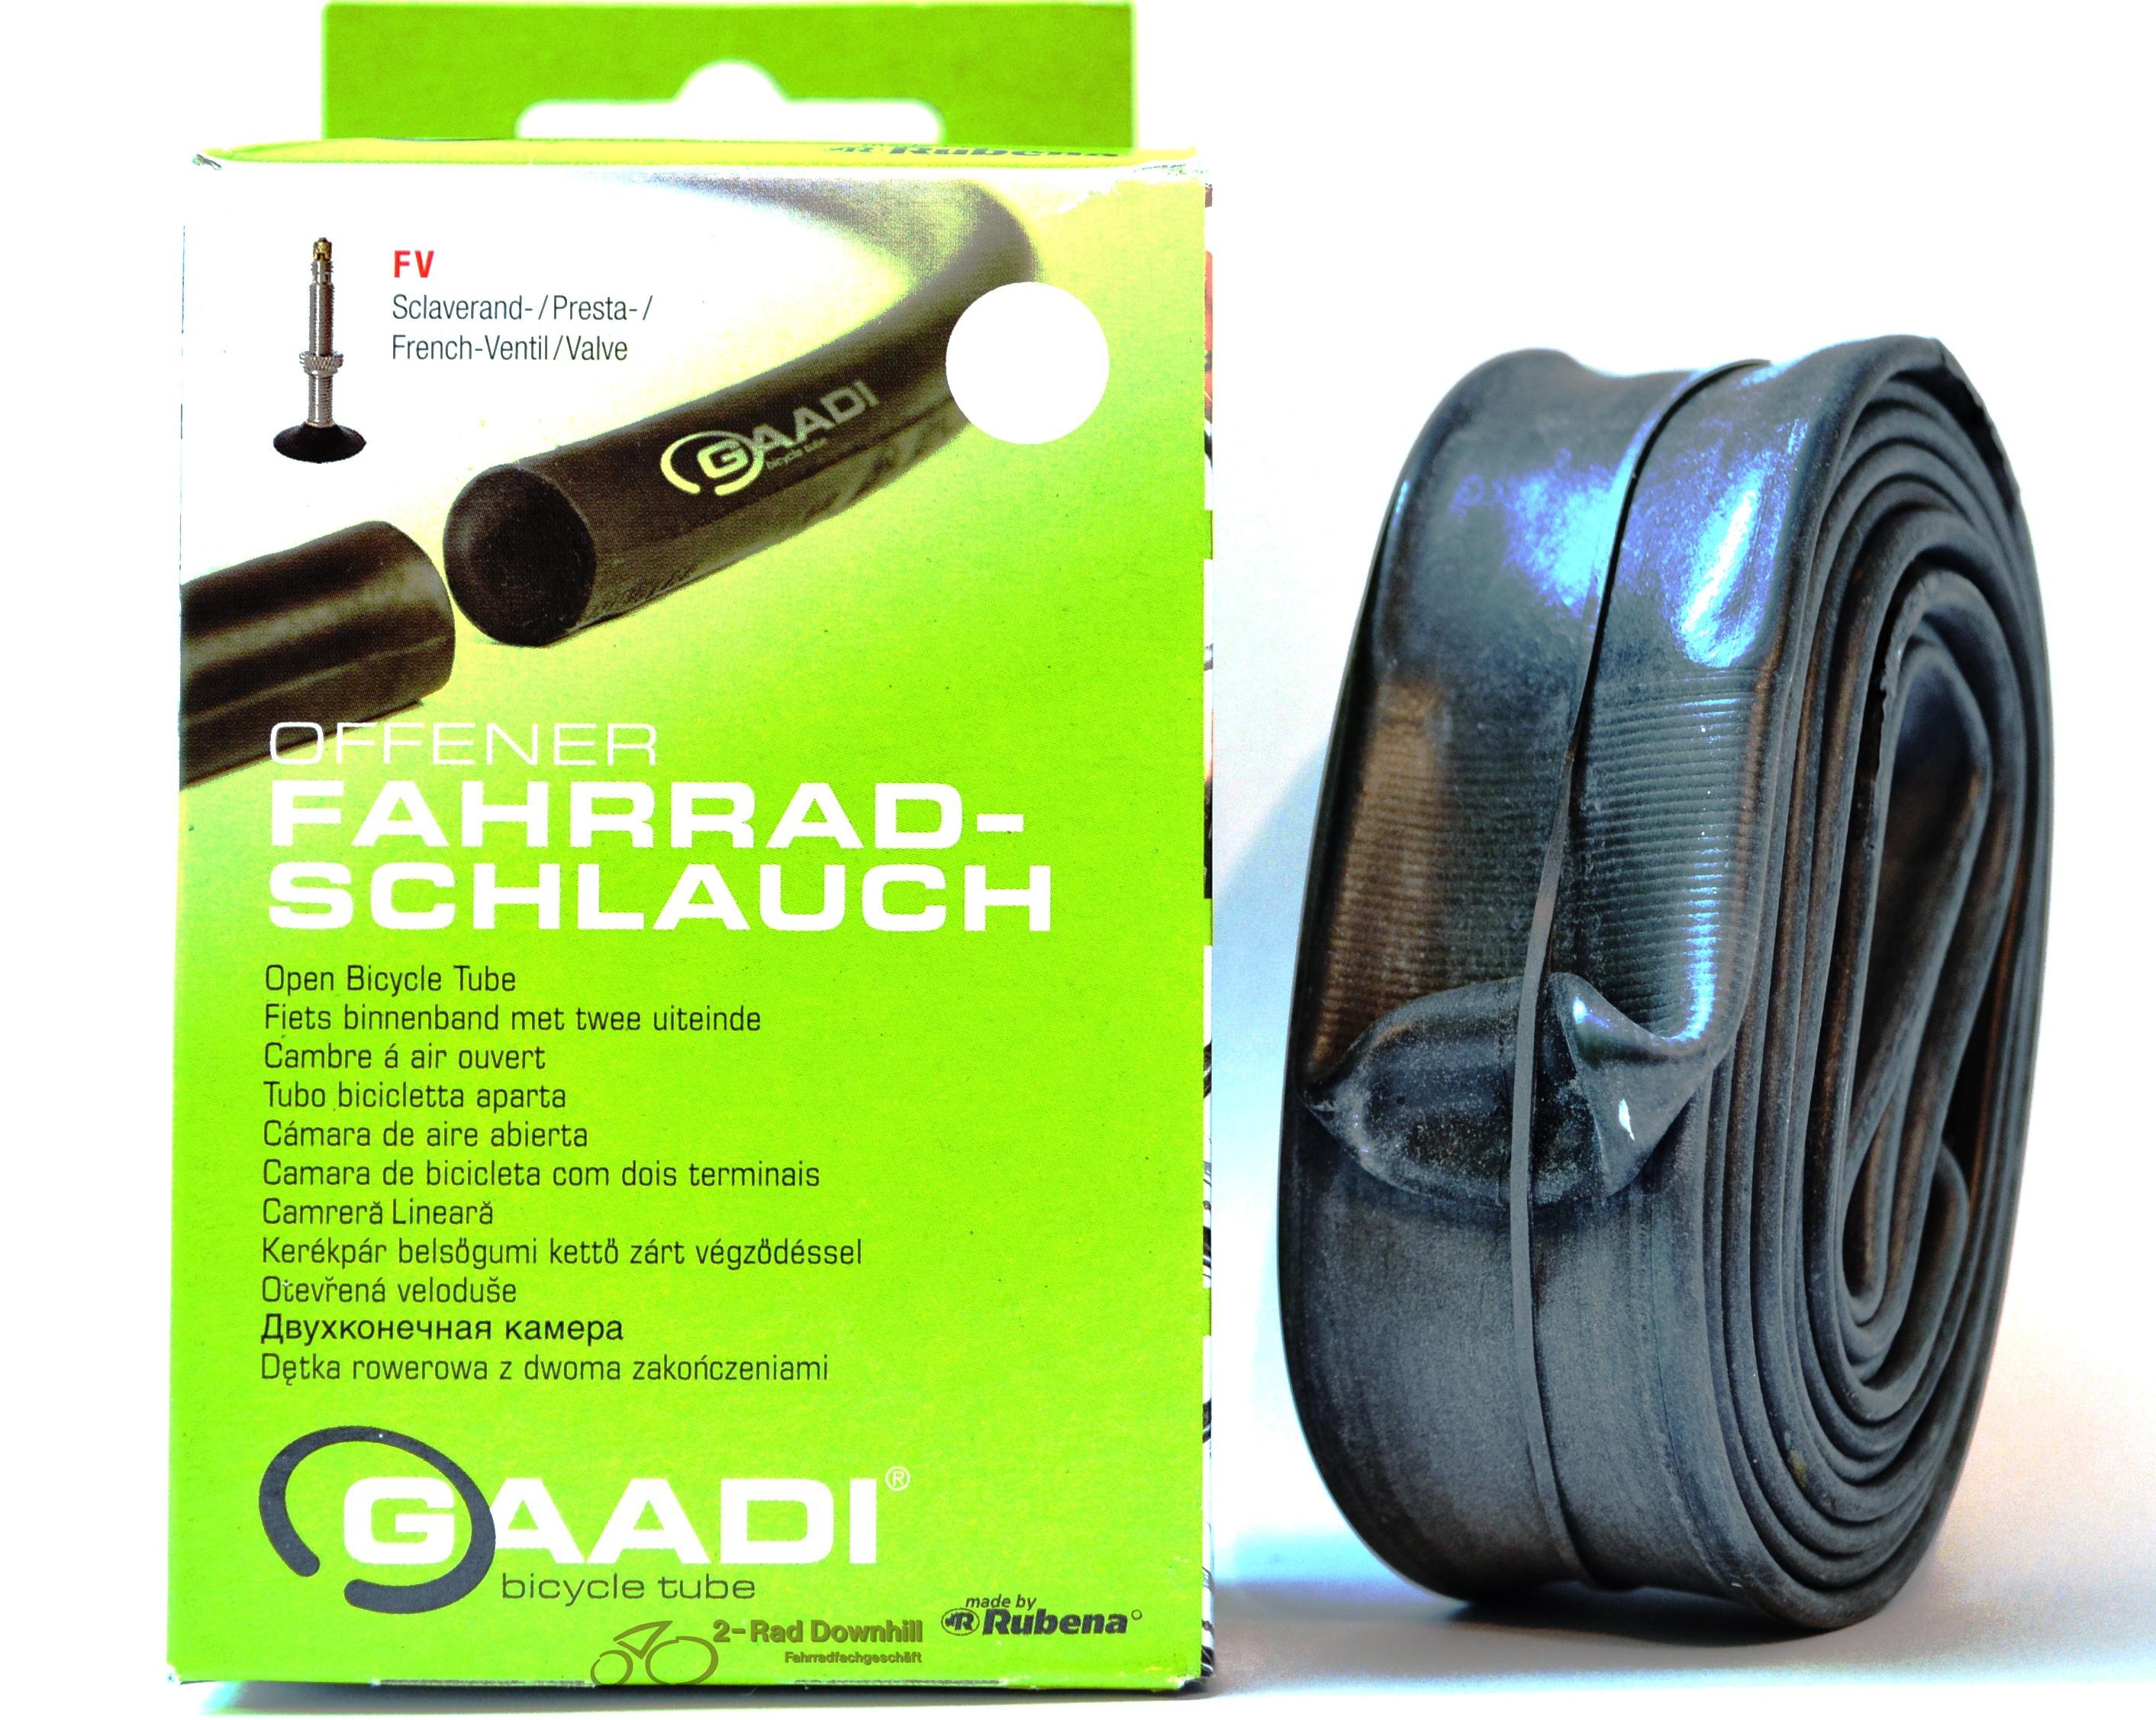 gaadi offener fahrradschlauch 28 sv keine demontage des. Black Bedroom Furniture Sets. Home Design Ideas